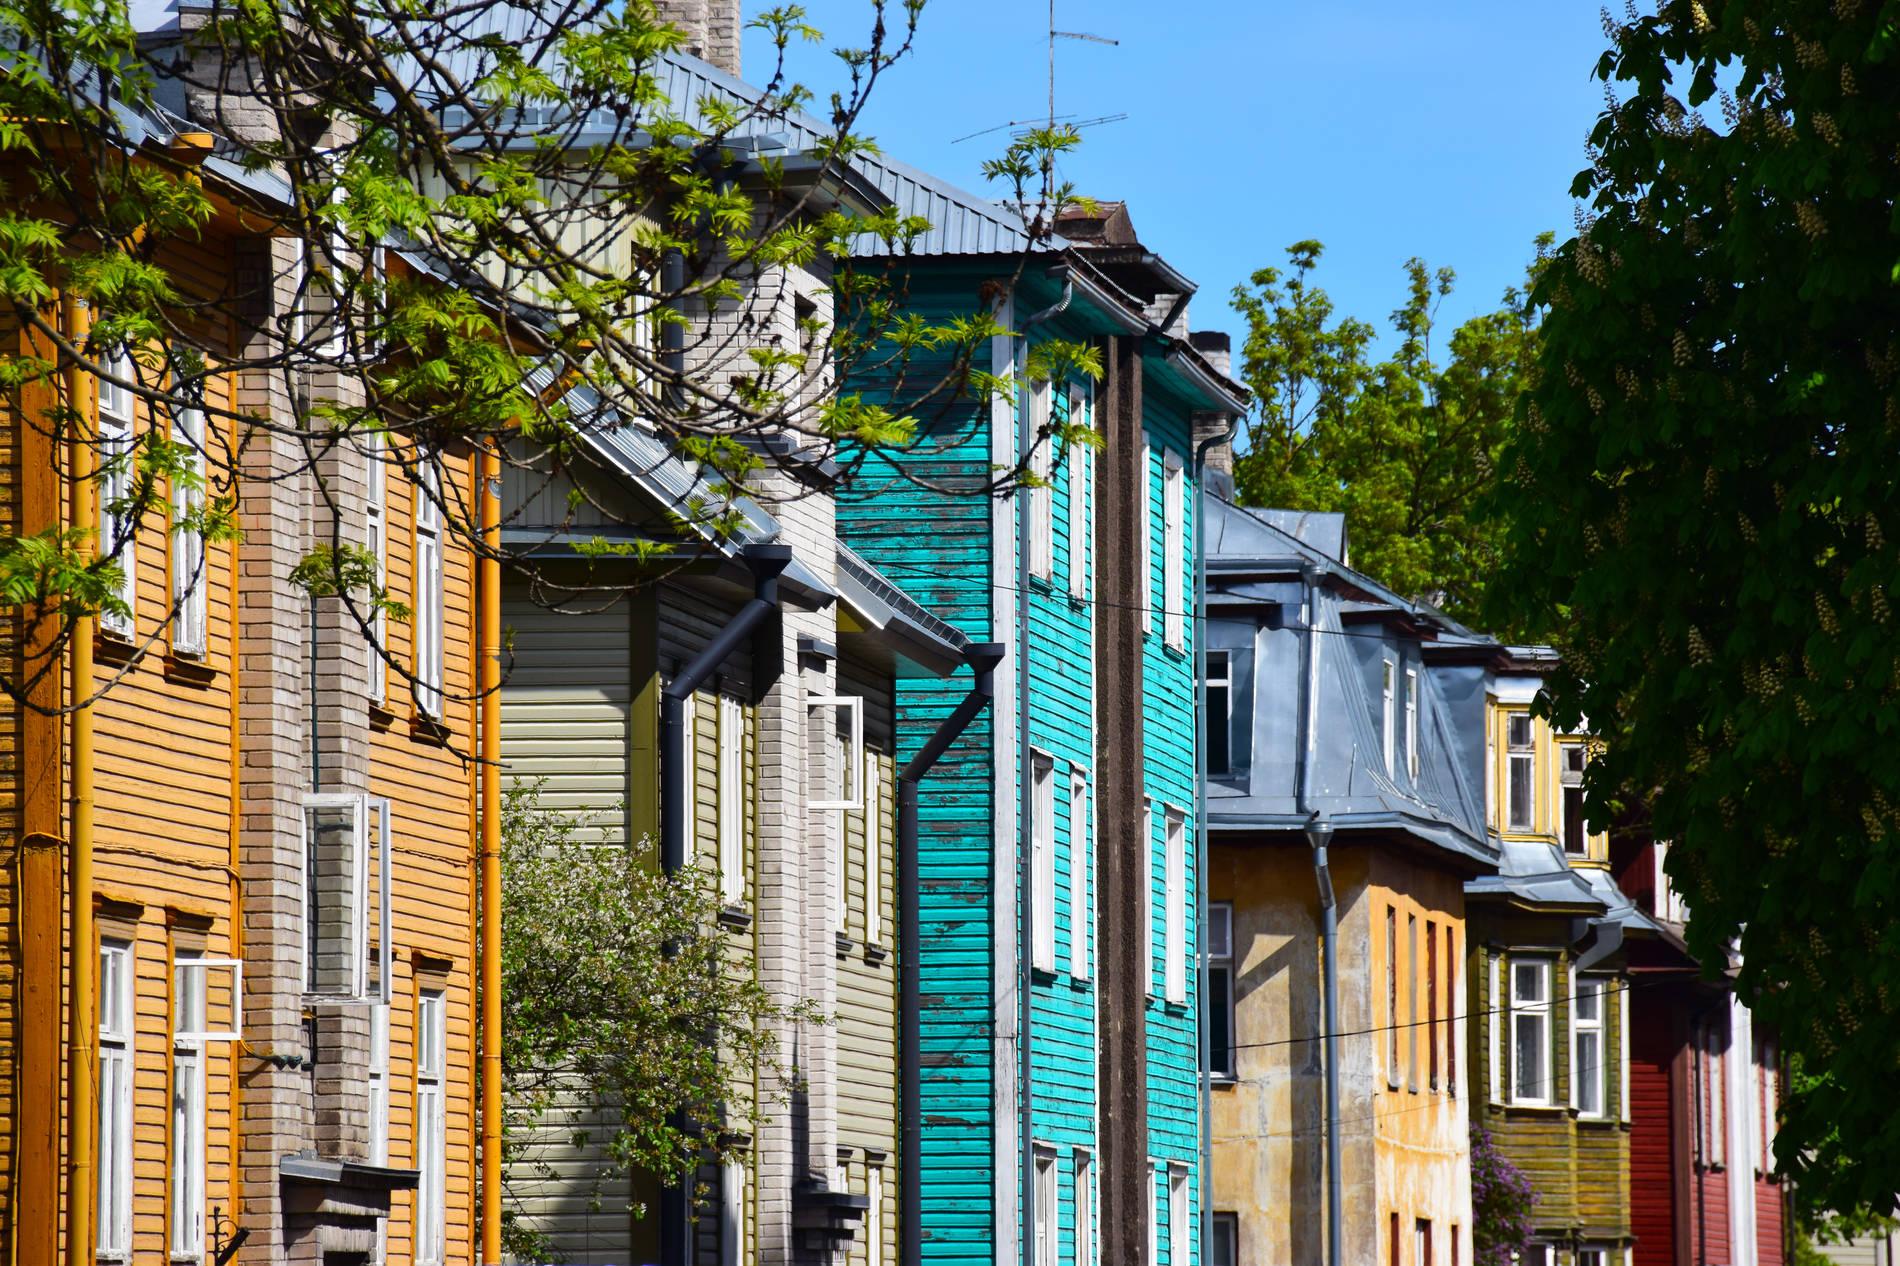 Houses of Kalamaja in Tallinn, Estonia